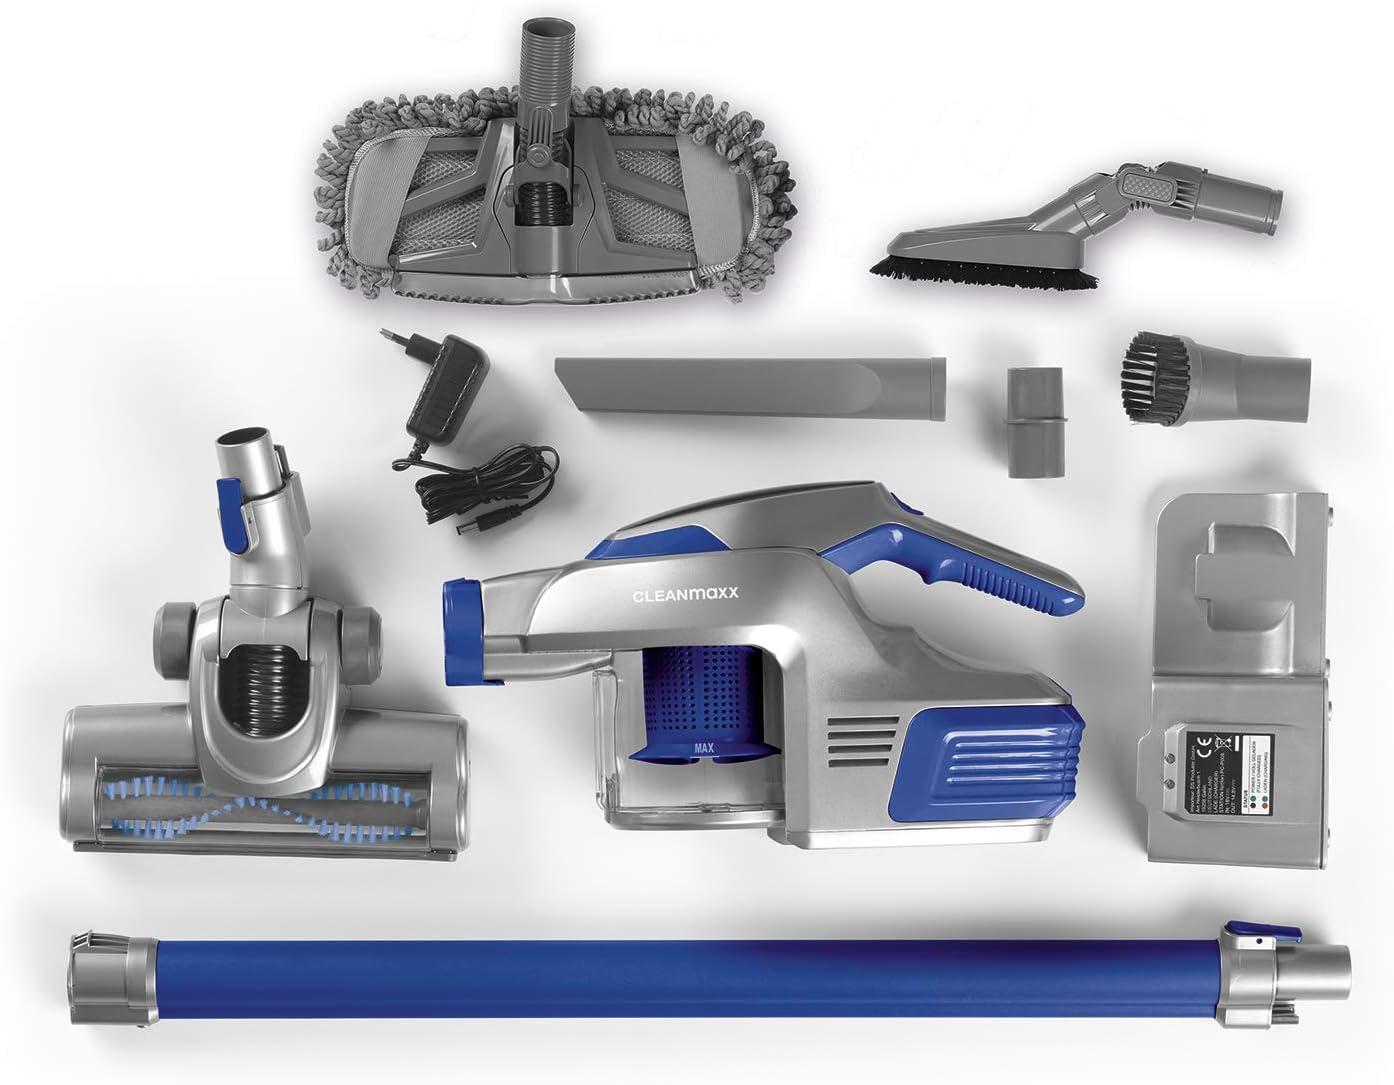 Cleanmaxx - Aspiradora de mano con batería de iones de litio de 4000 mAh, incluye soporte de pared, aprox. 30 min de funcionamiento con batería completa, incluye tubo de extensión, 150 W